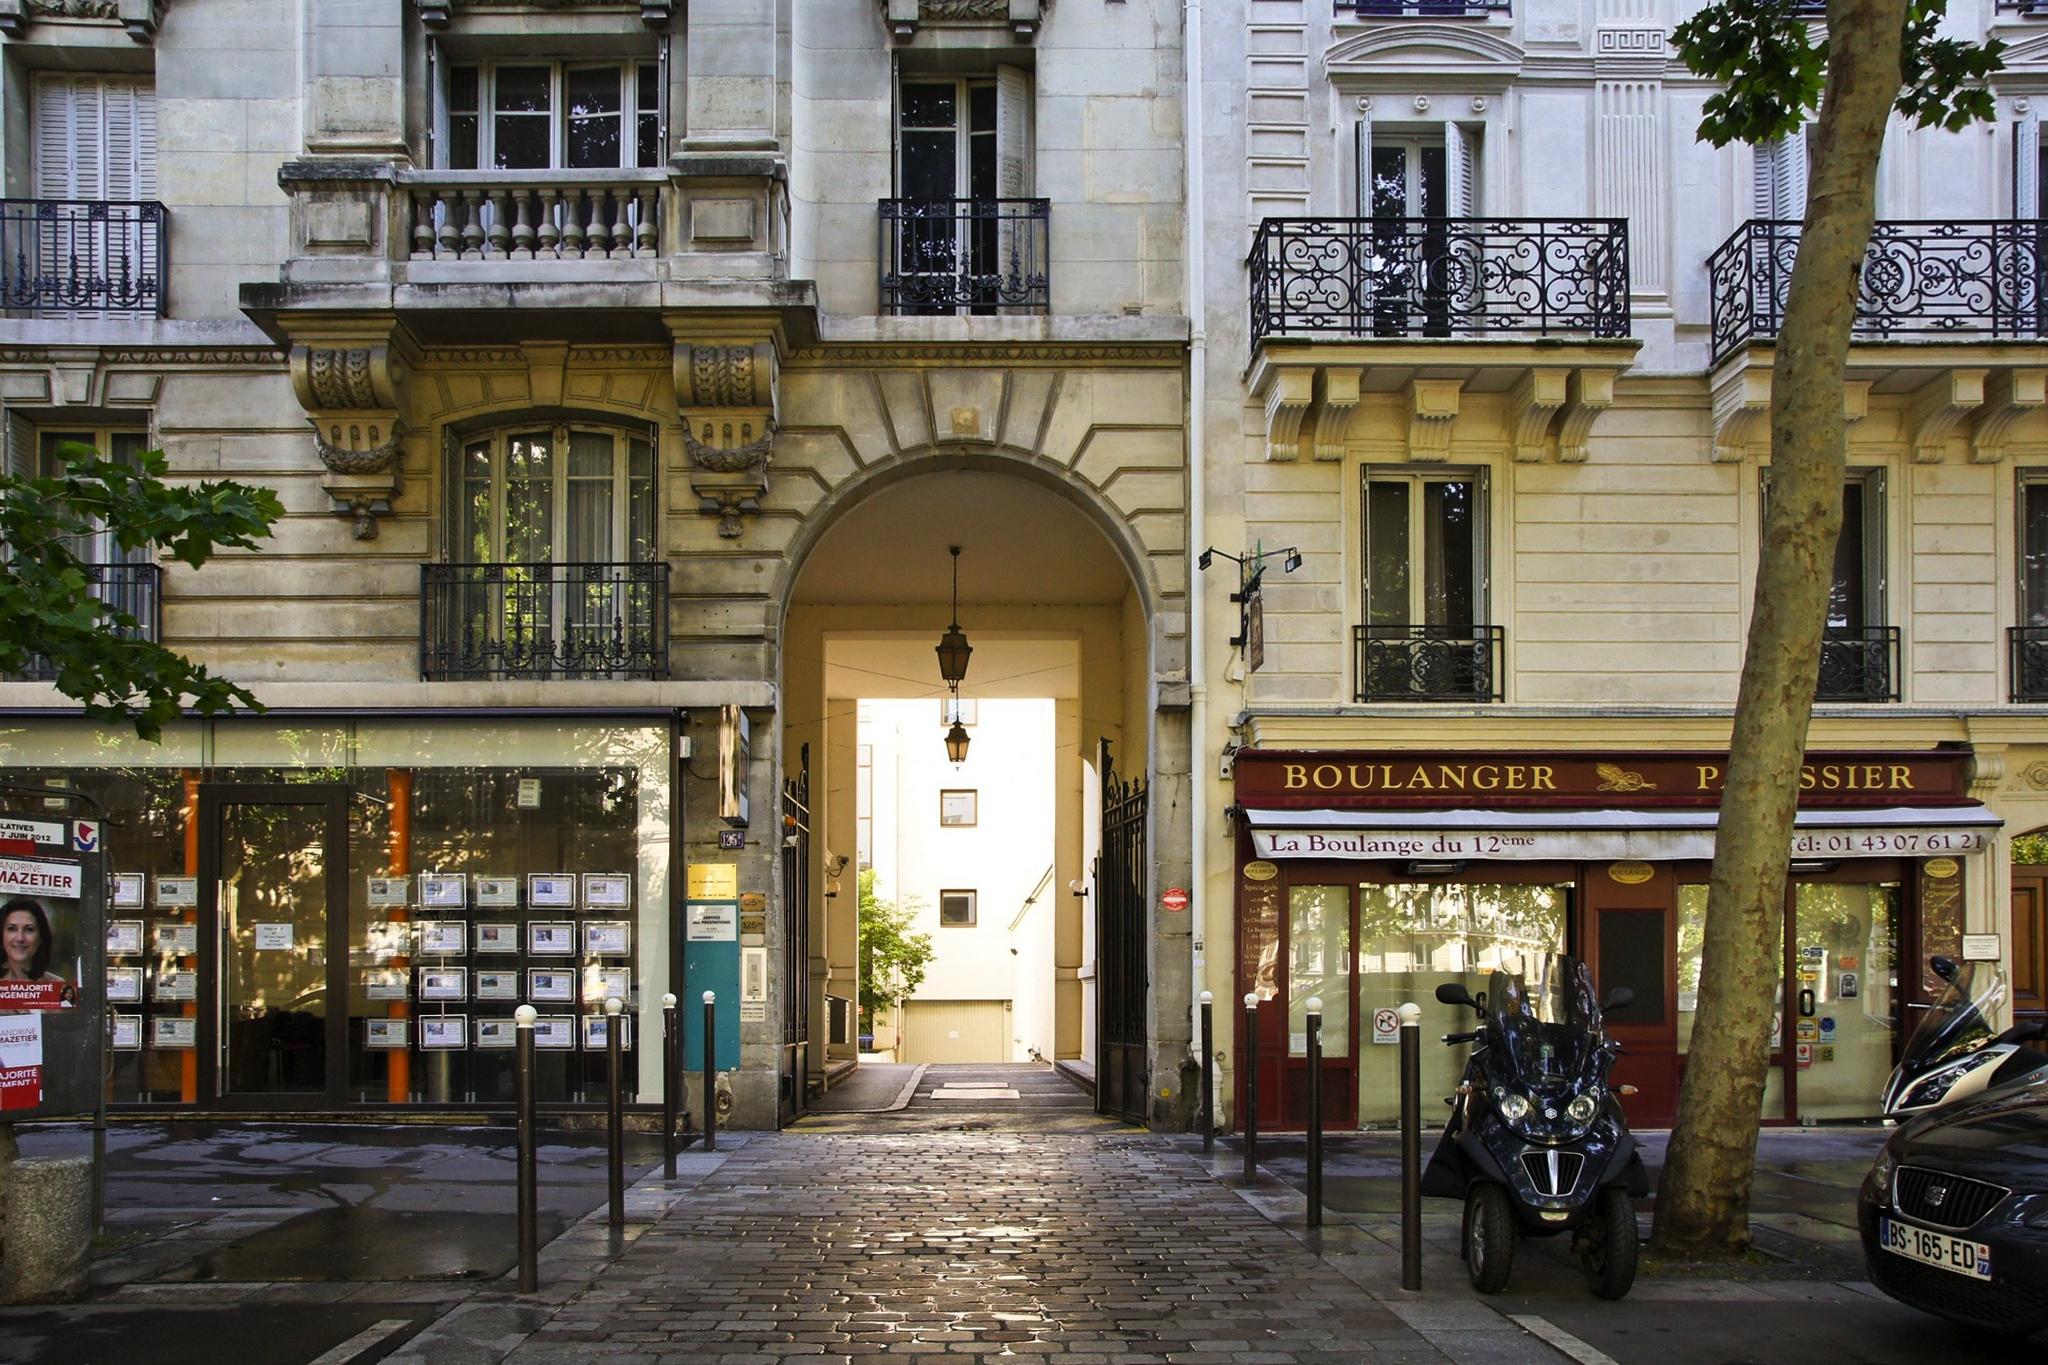 Rue Des Ecoles Laiques Restaurant Chinois  Ef Bf Bd Volonter